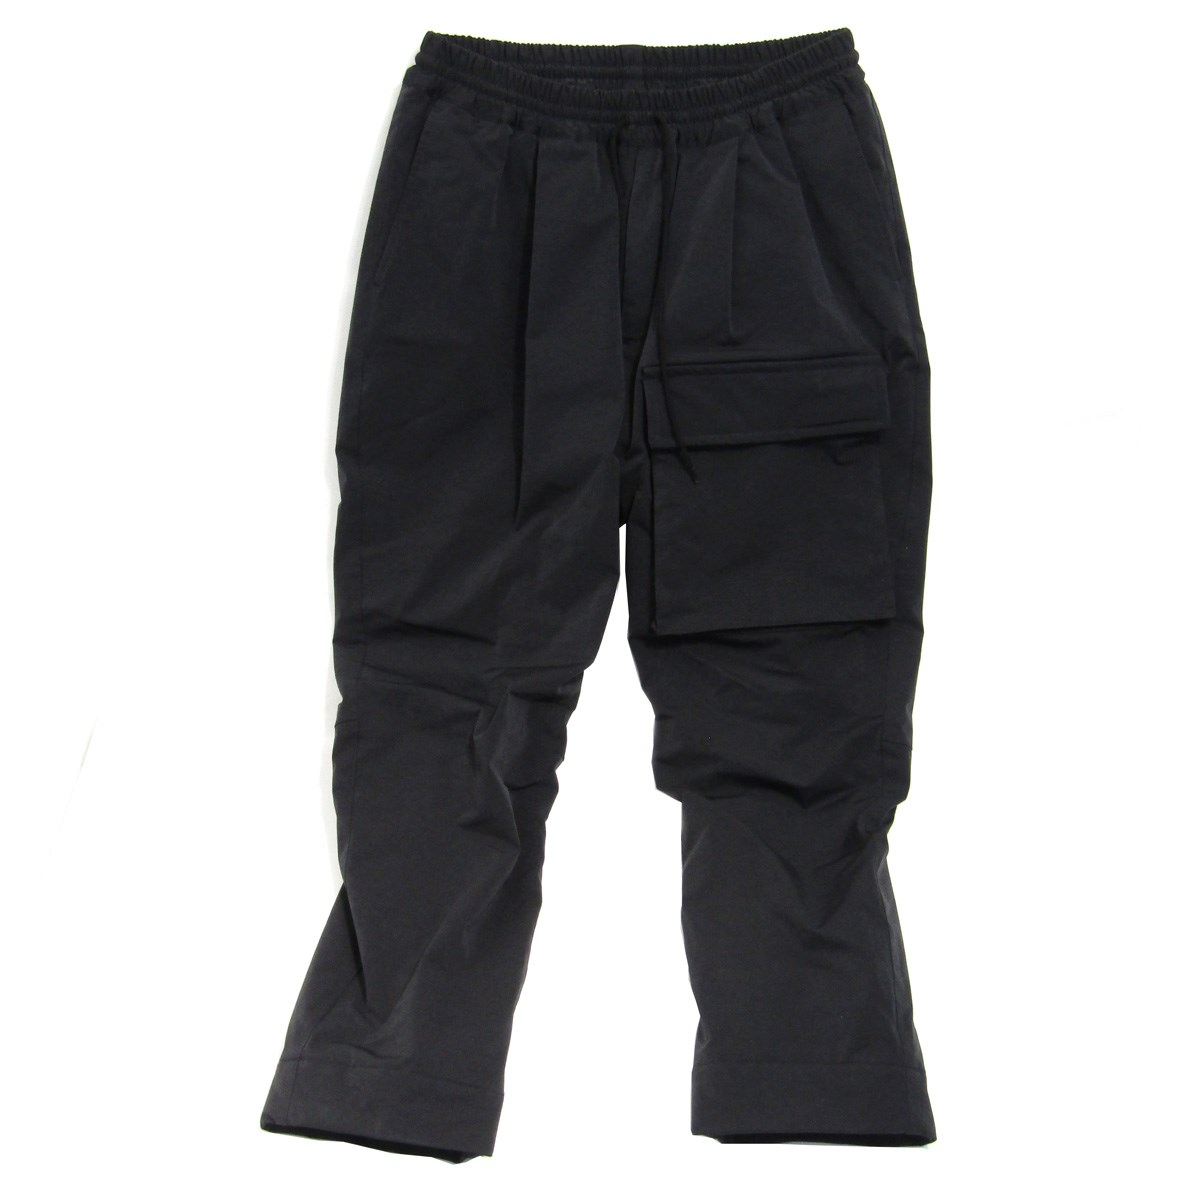 【中古】MOUT RECON TAILORlow loft leg pocket pant レッグポケット イージーパンツ ブラック サイズ:46 【3月12日見直し】